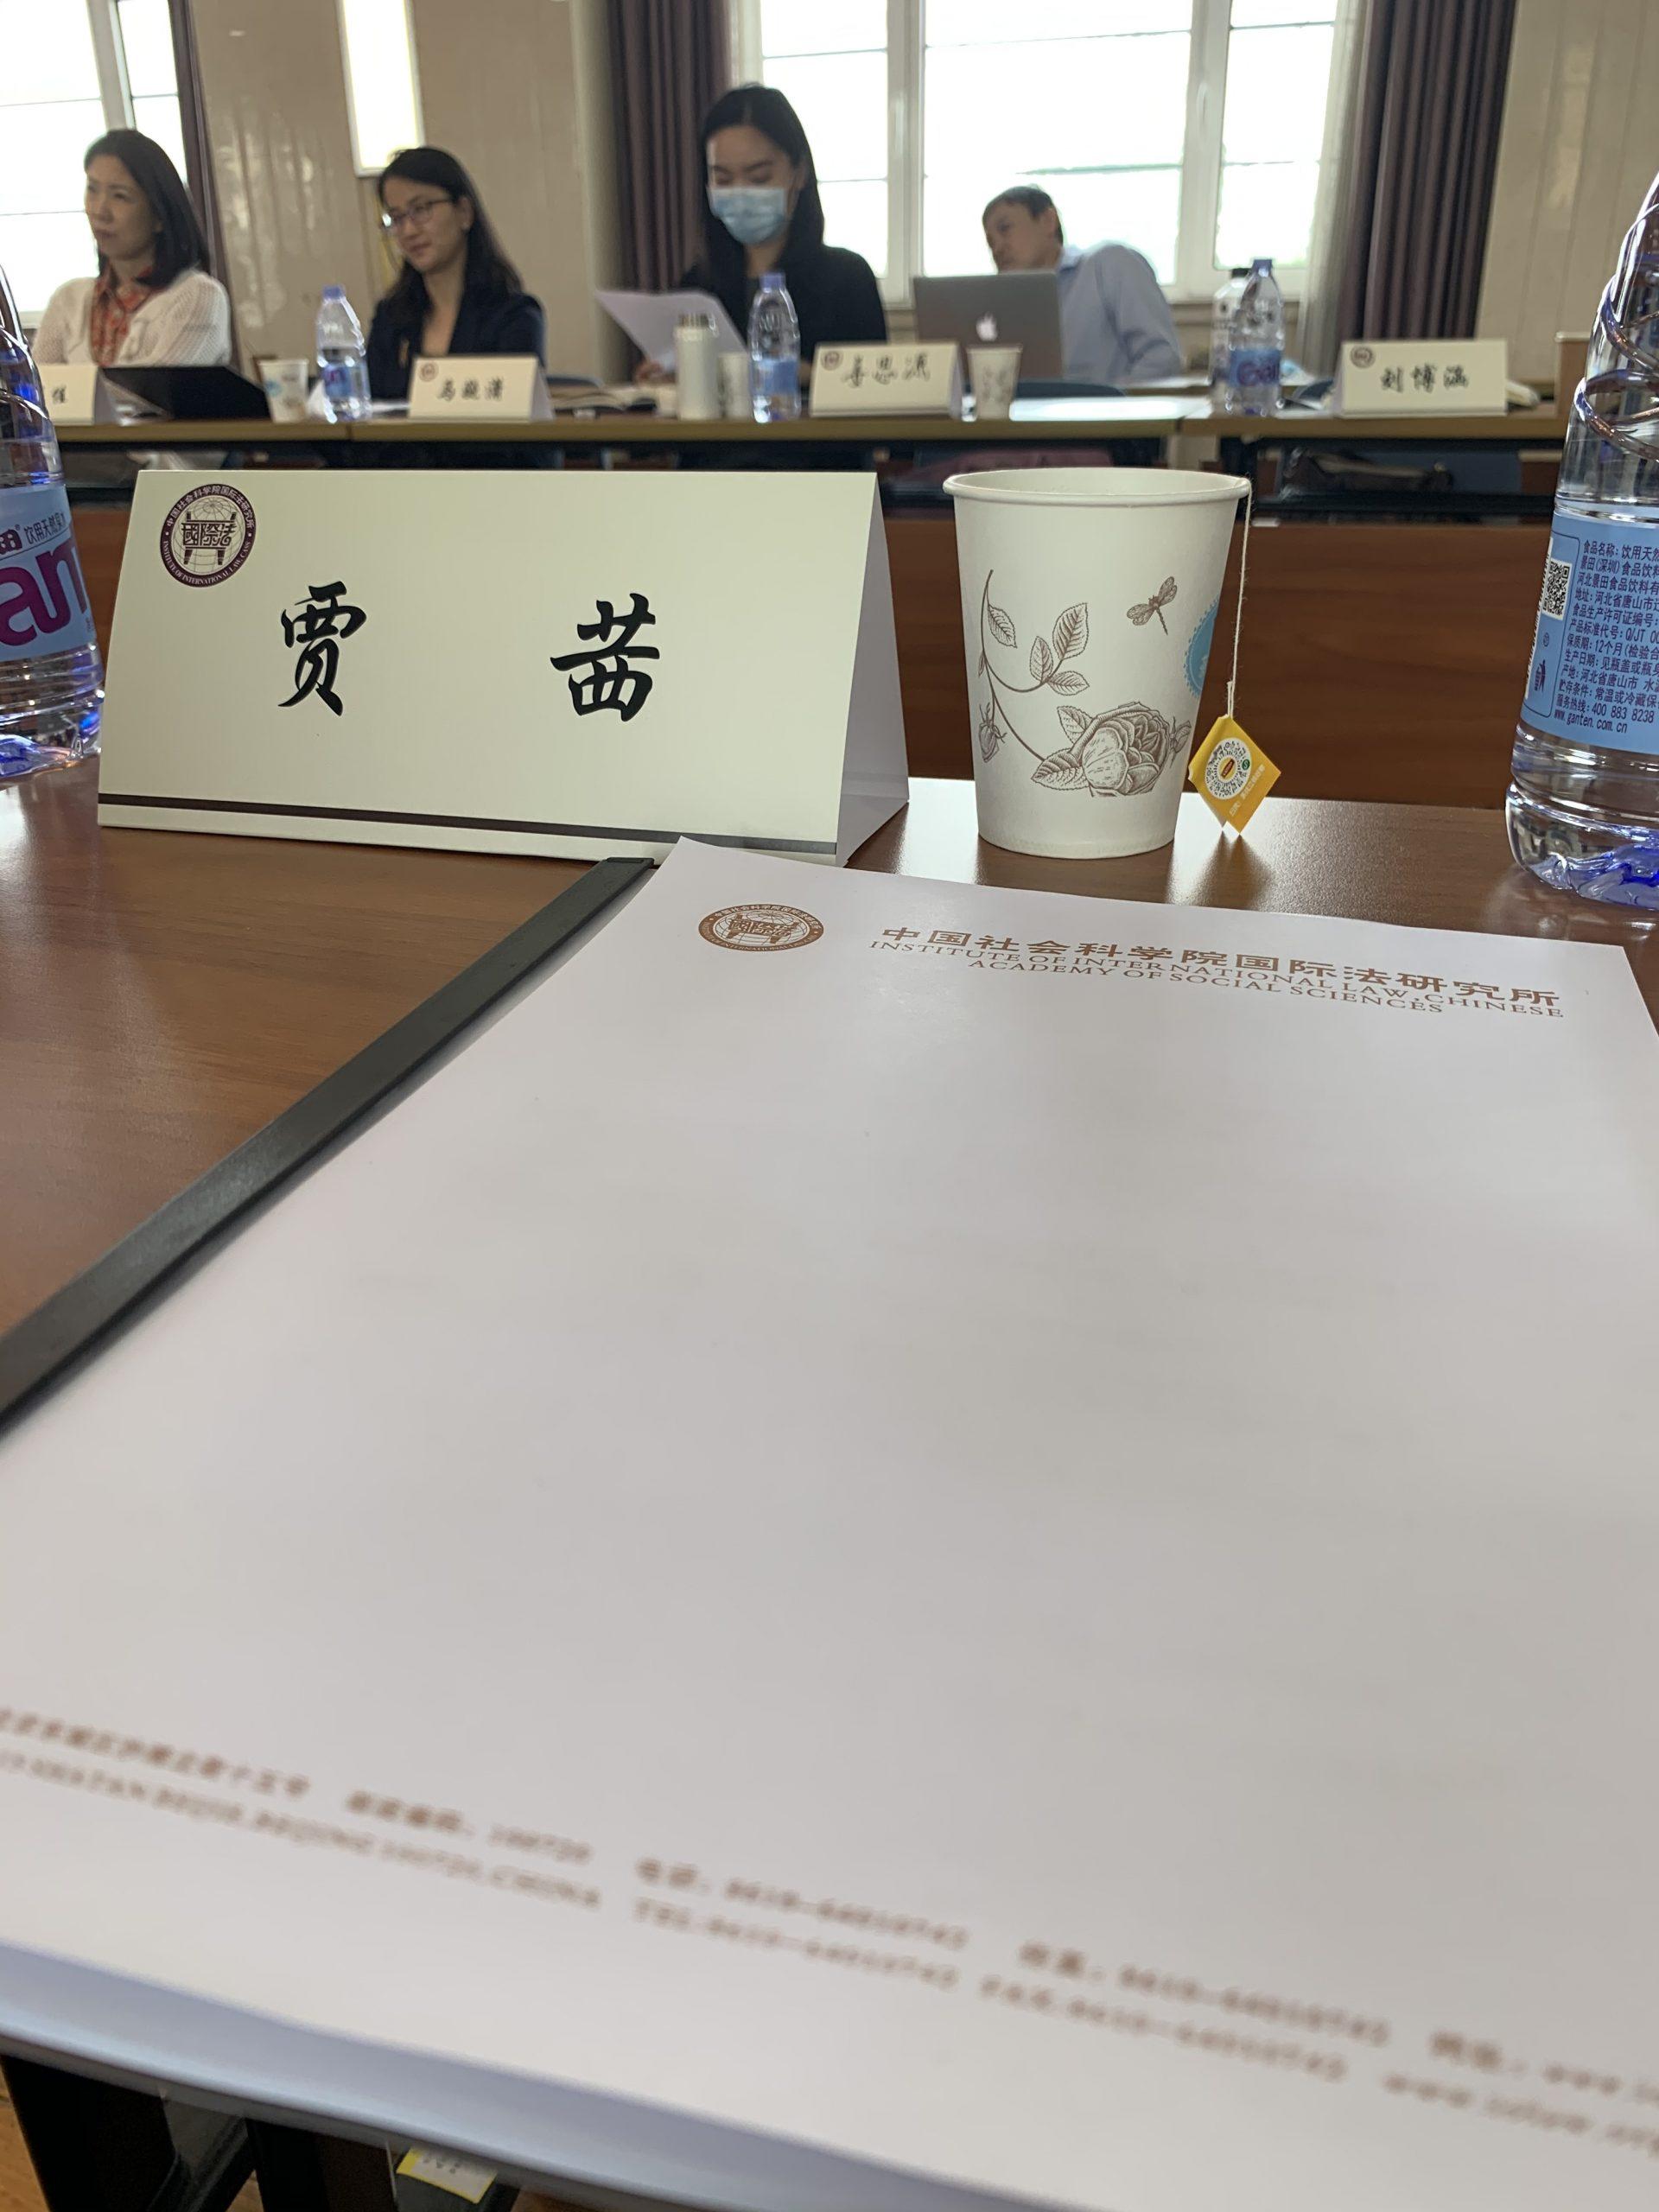 达沃合伙人参加第十届社科仲裁圆桌会议